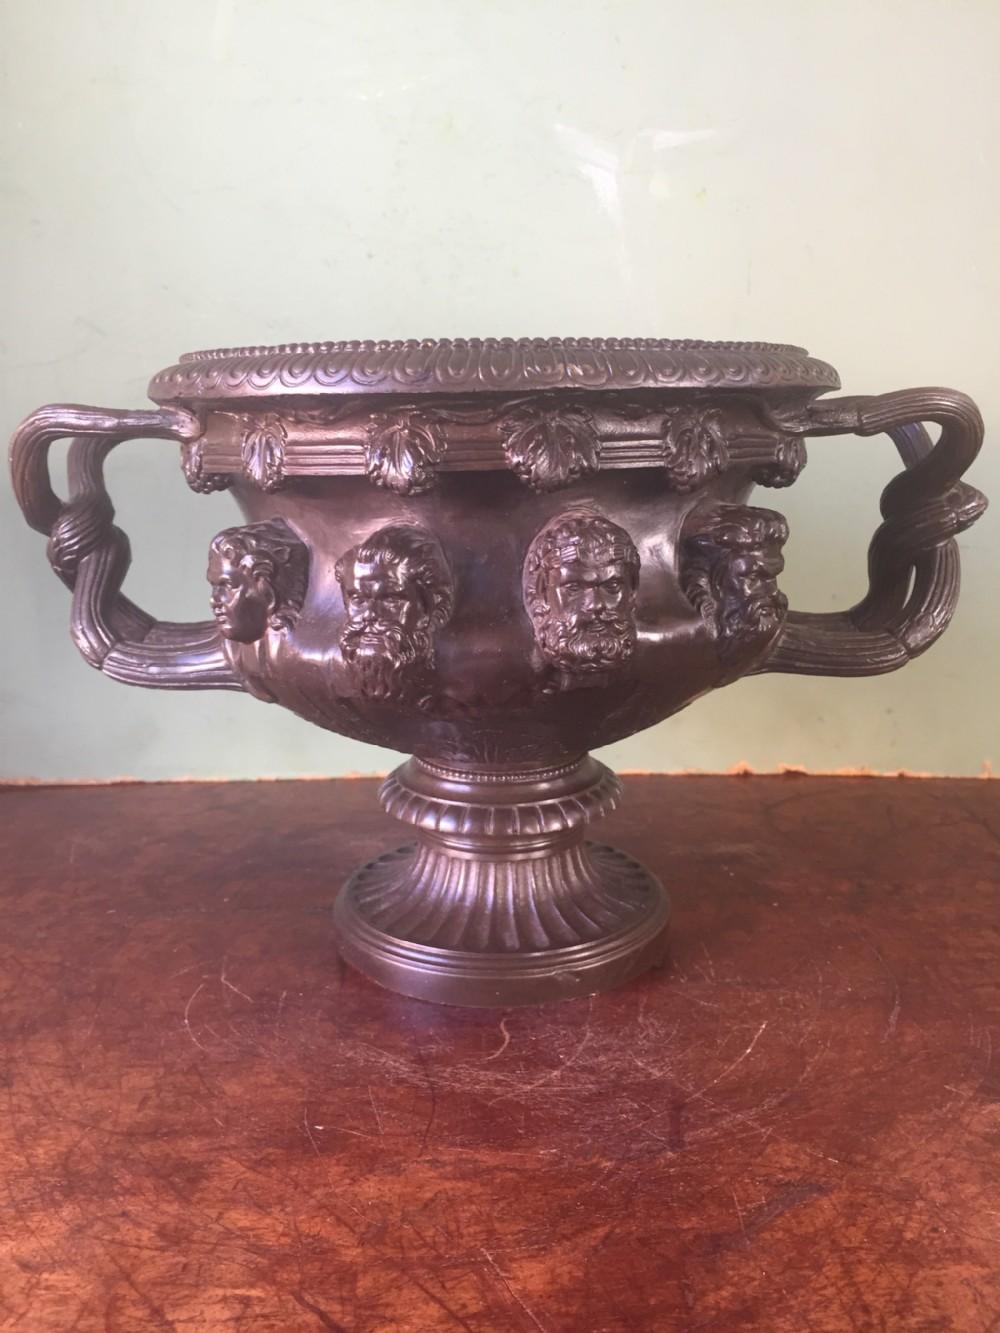 c19th 'grand tour' souvenir bronze reduction of the albani vase after the antique original